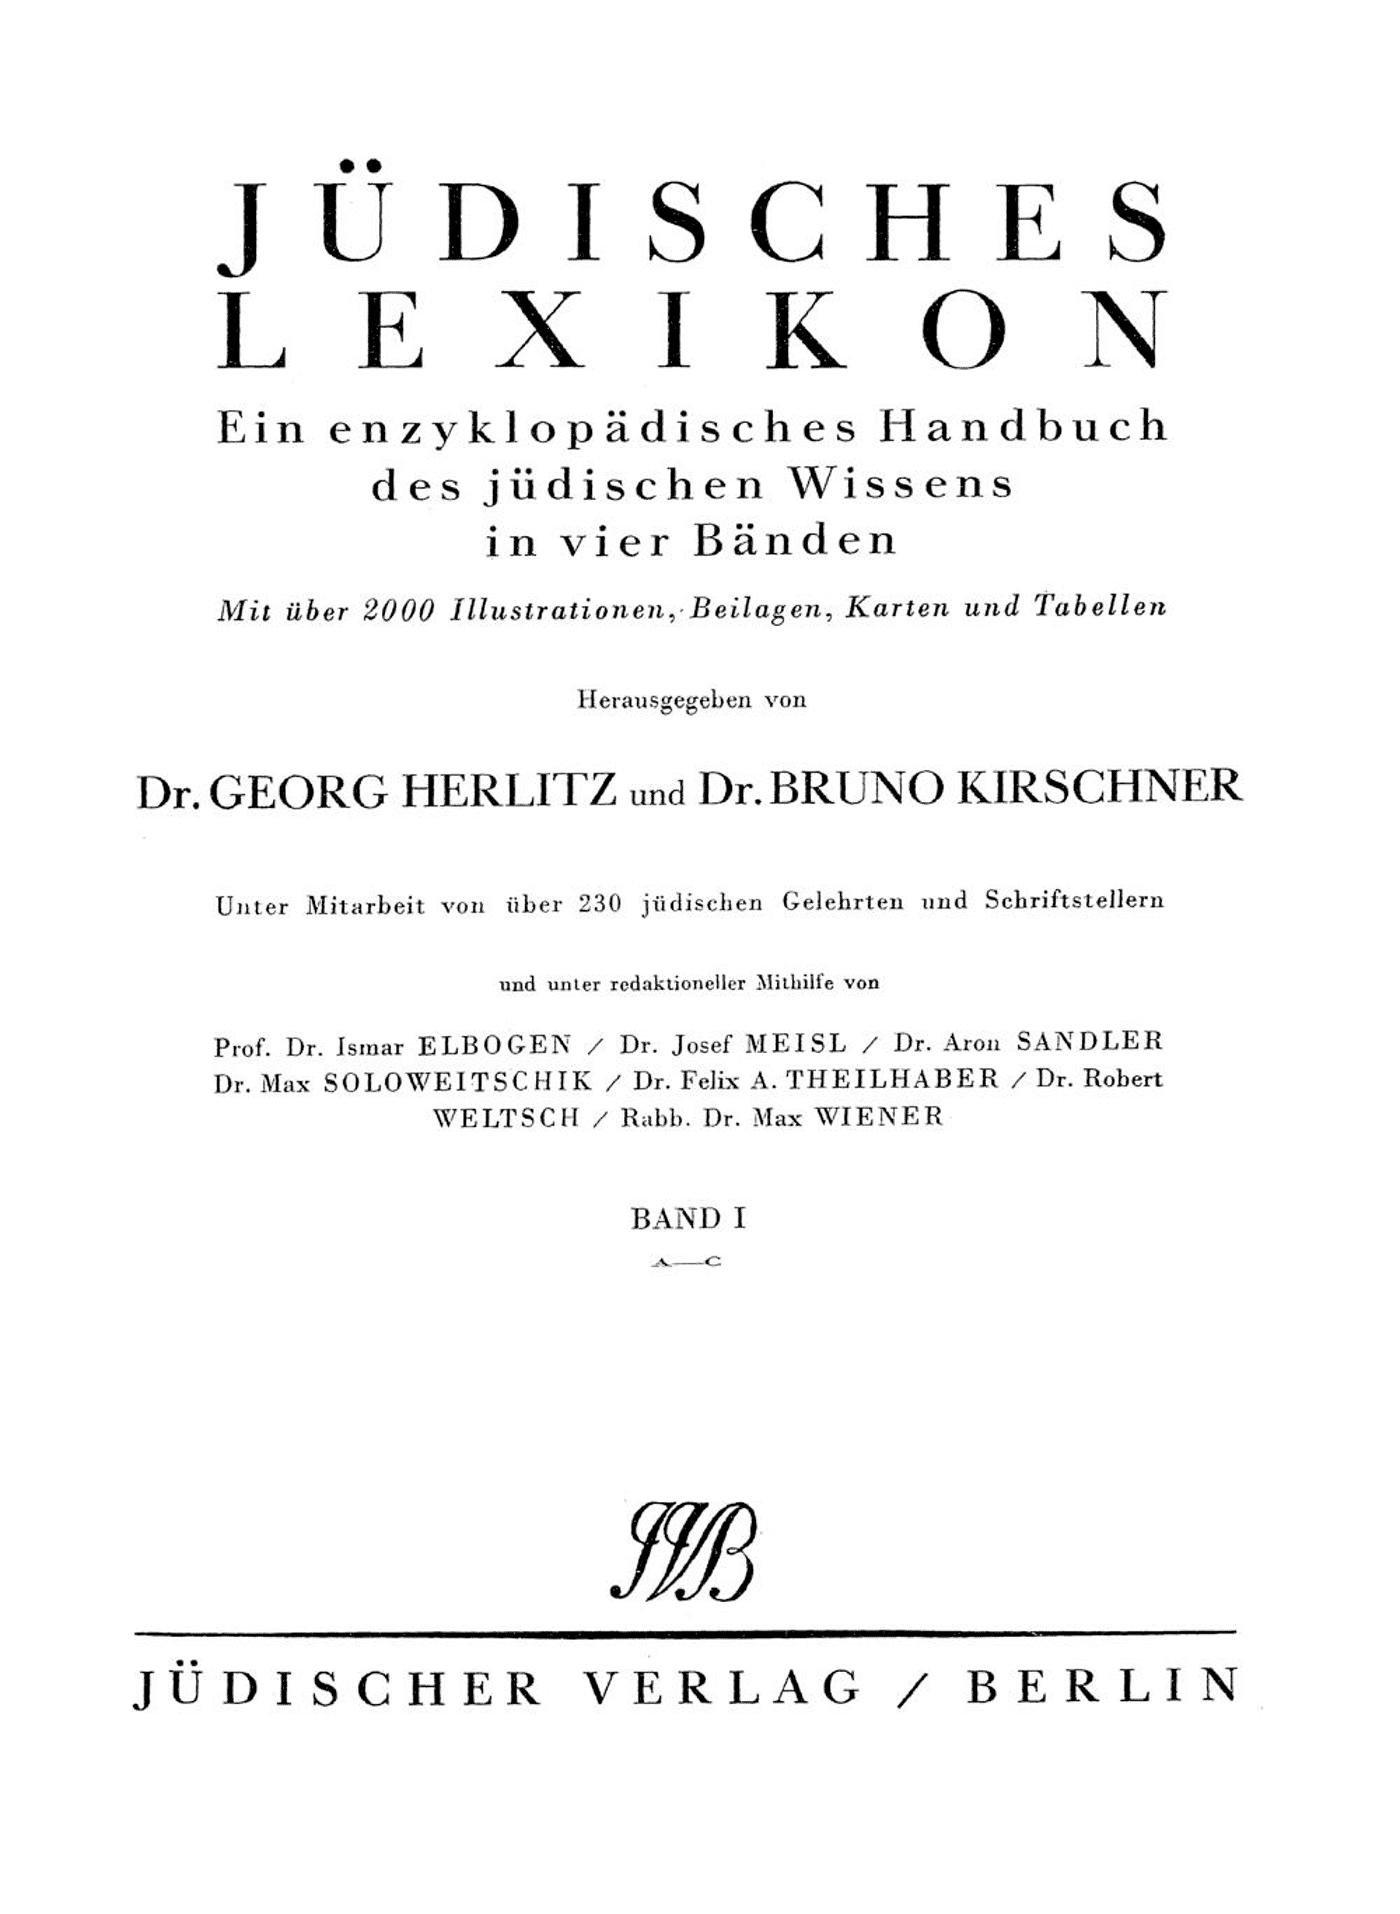 Jüdisches Lexikon von Georg Herlitz